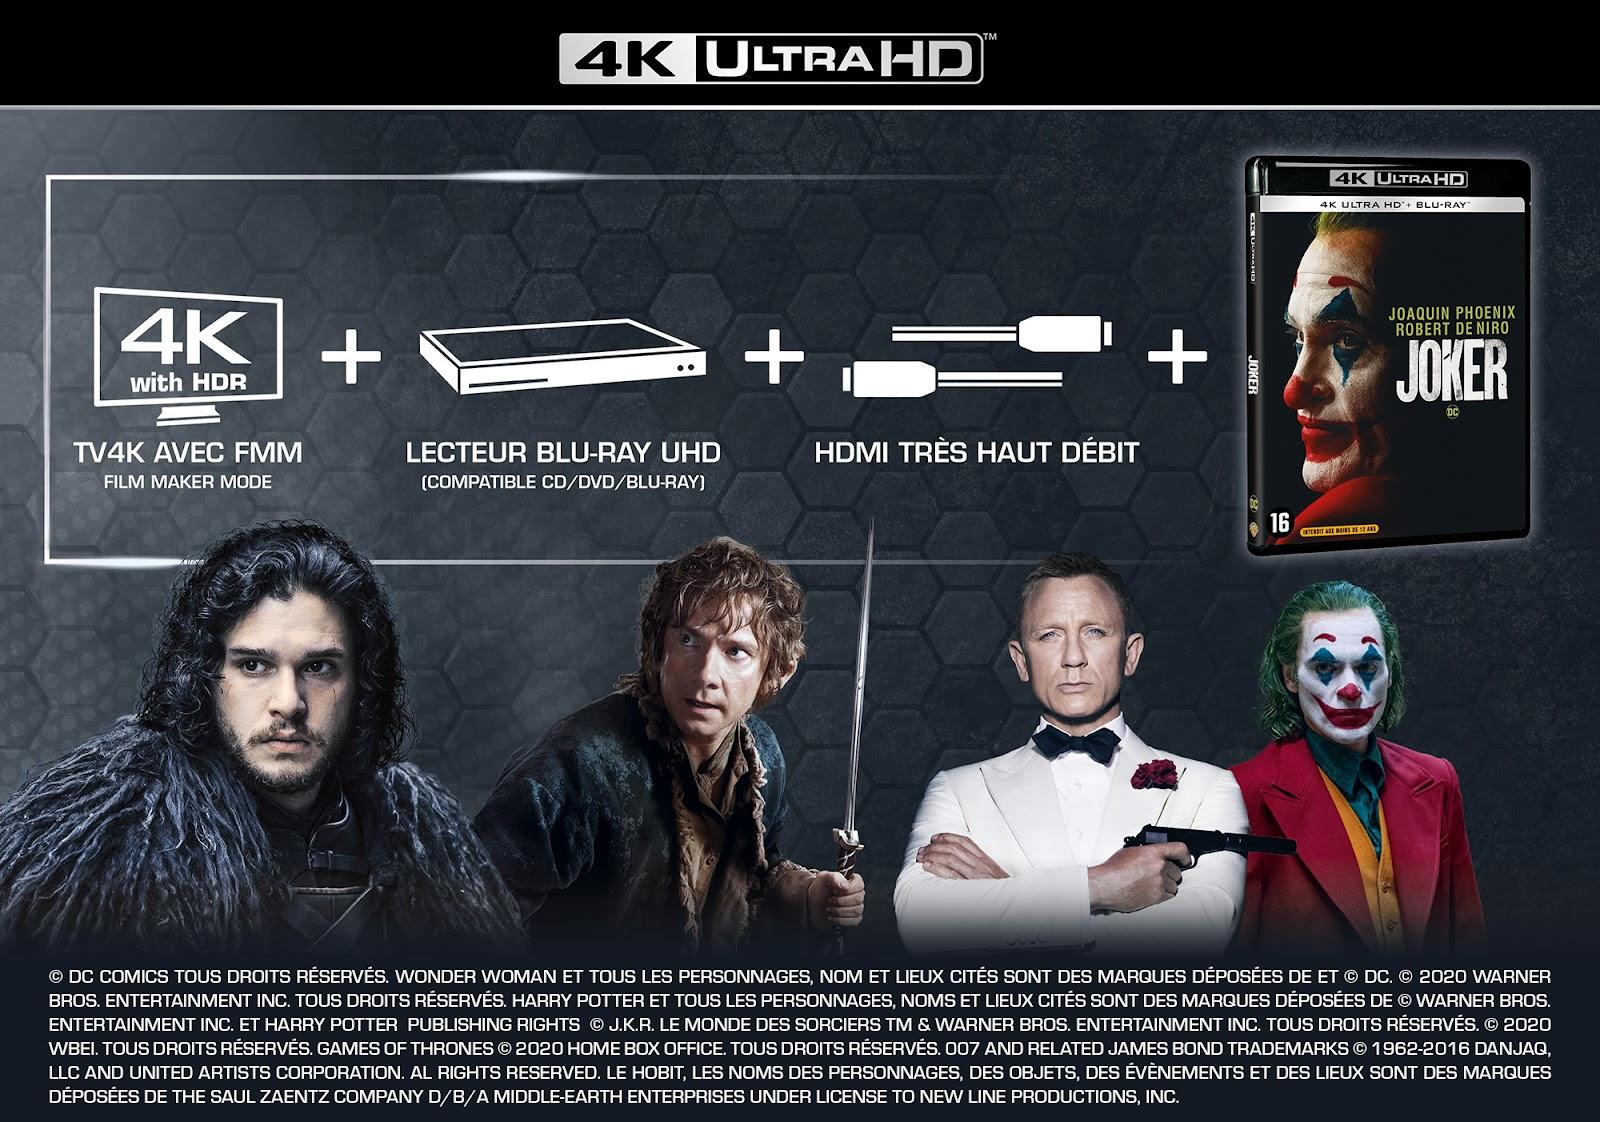 TV UHD 4K + Blu-ray 4K Ultra HD + câble HDMI très haut débit = la combinaison gagnante pour profiter de la 4K dans les meilleures conditions!